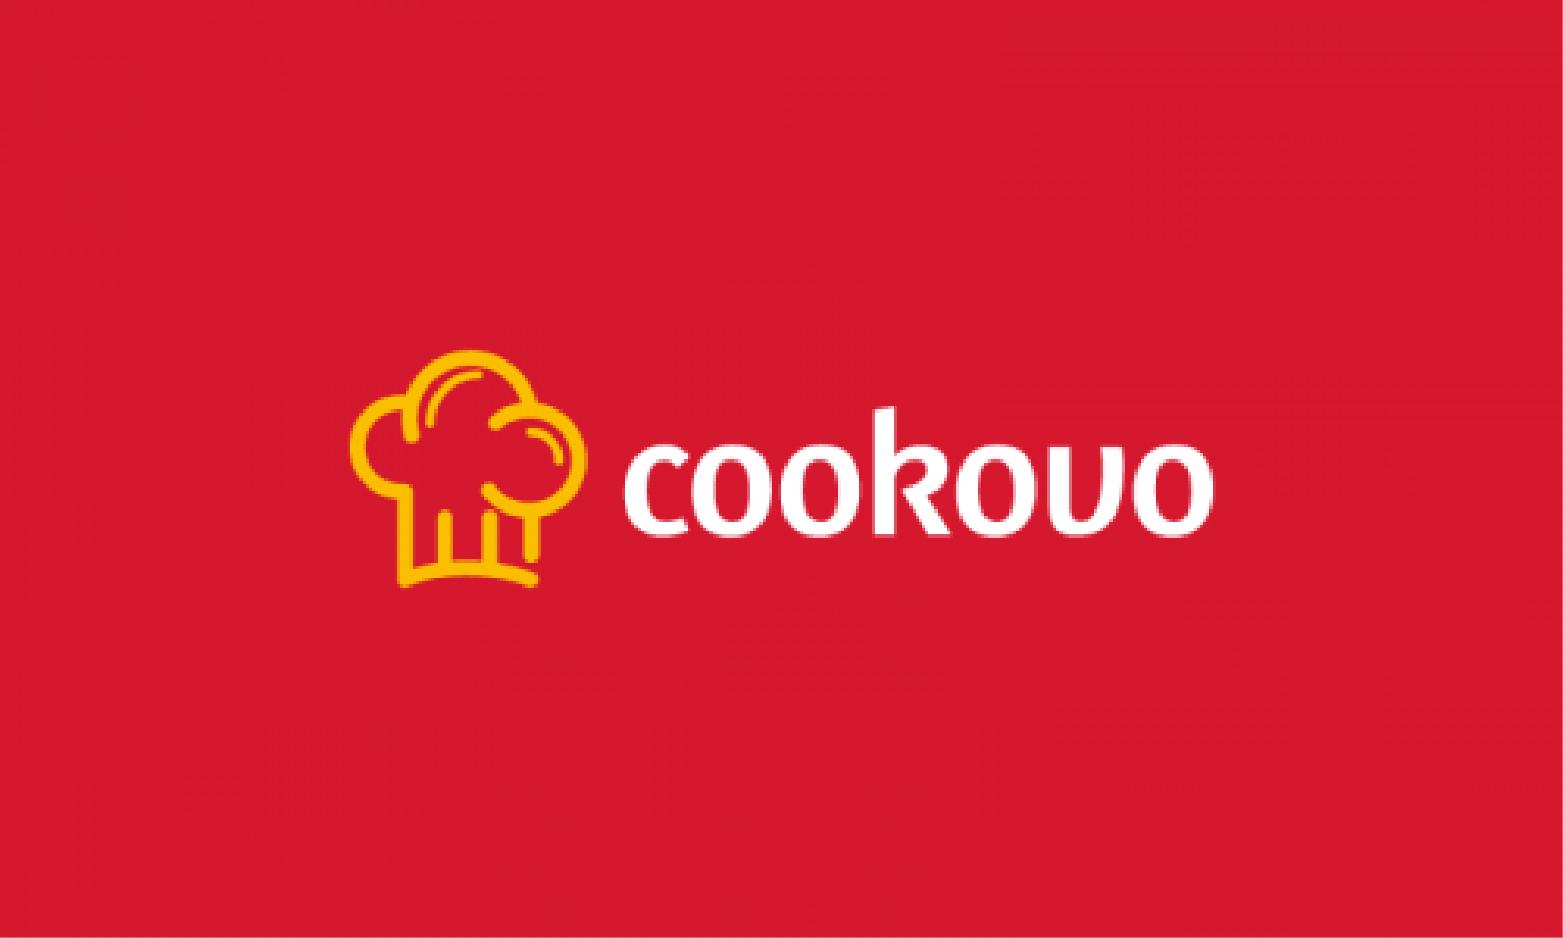 cookovo.com